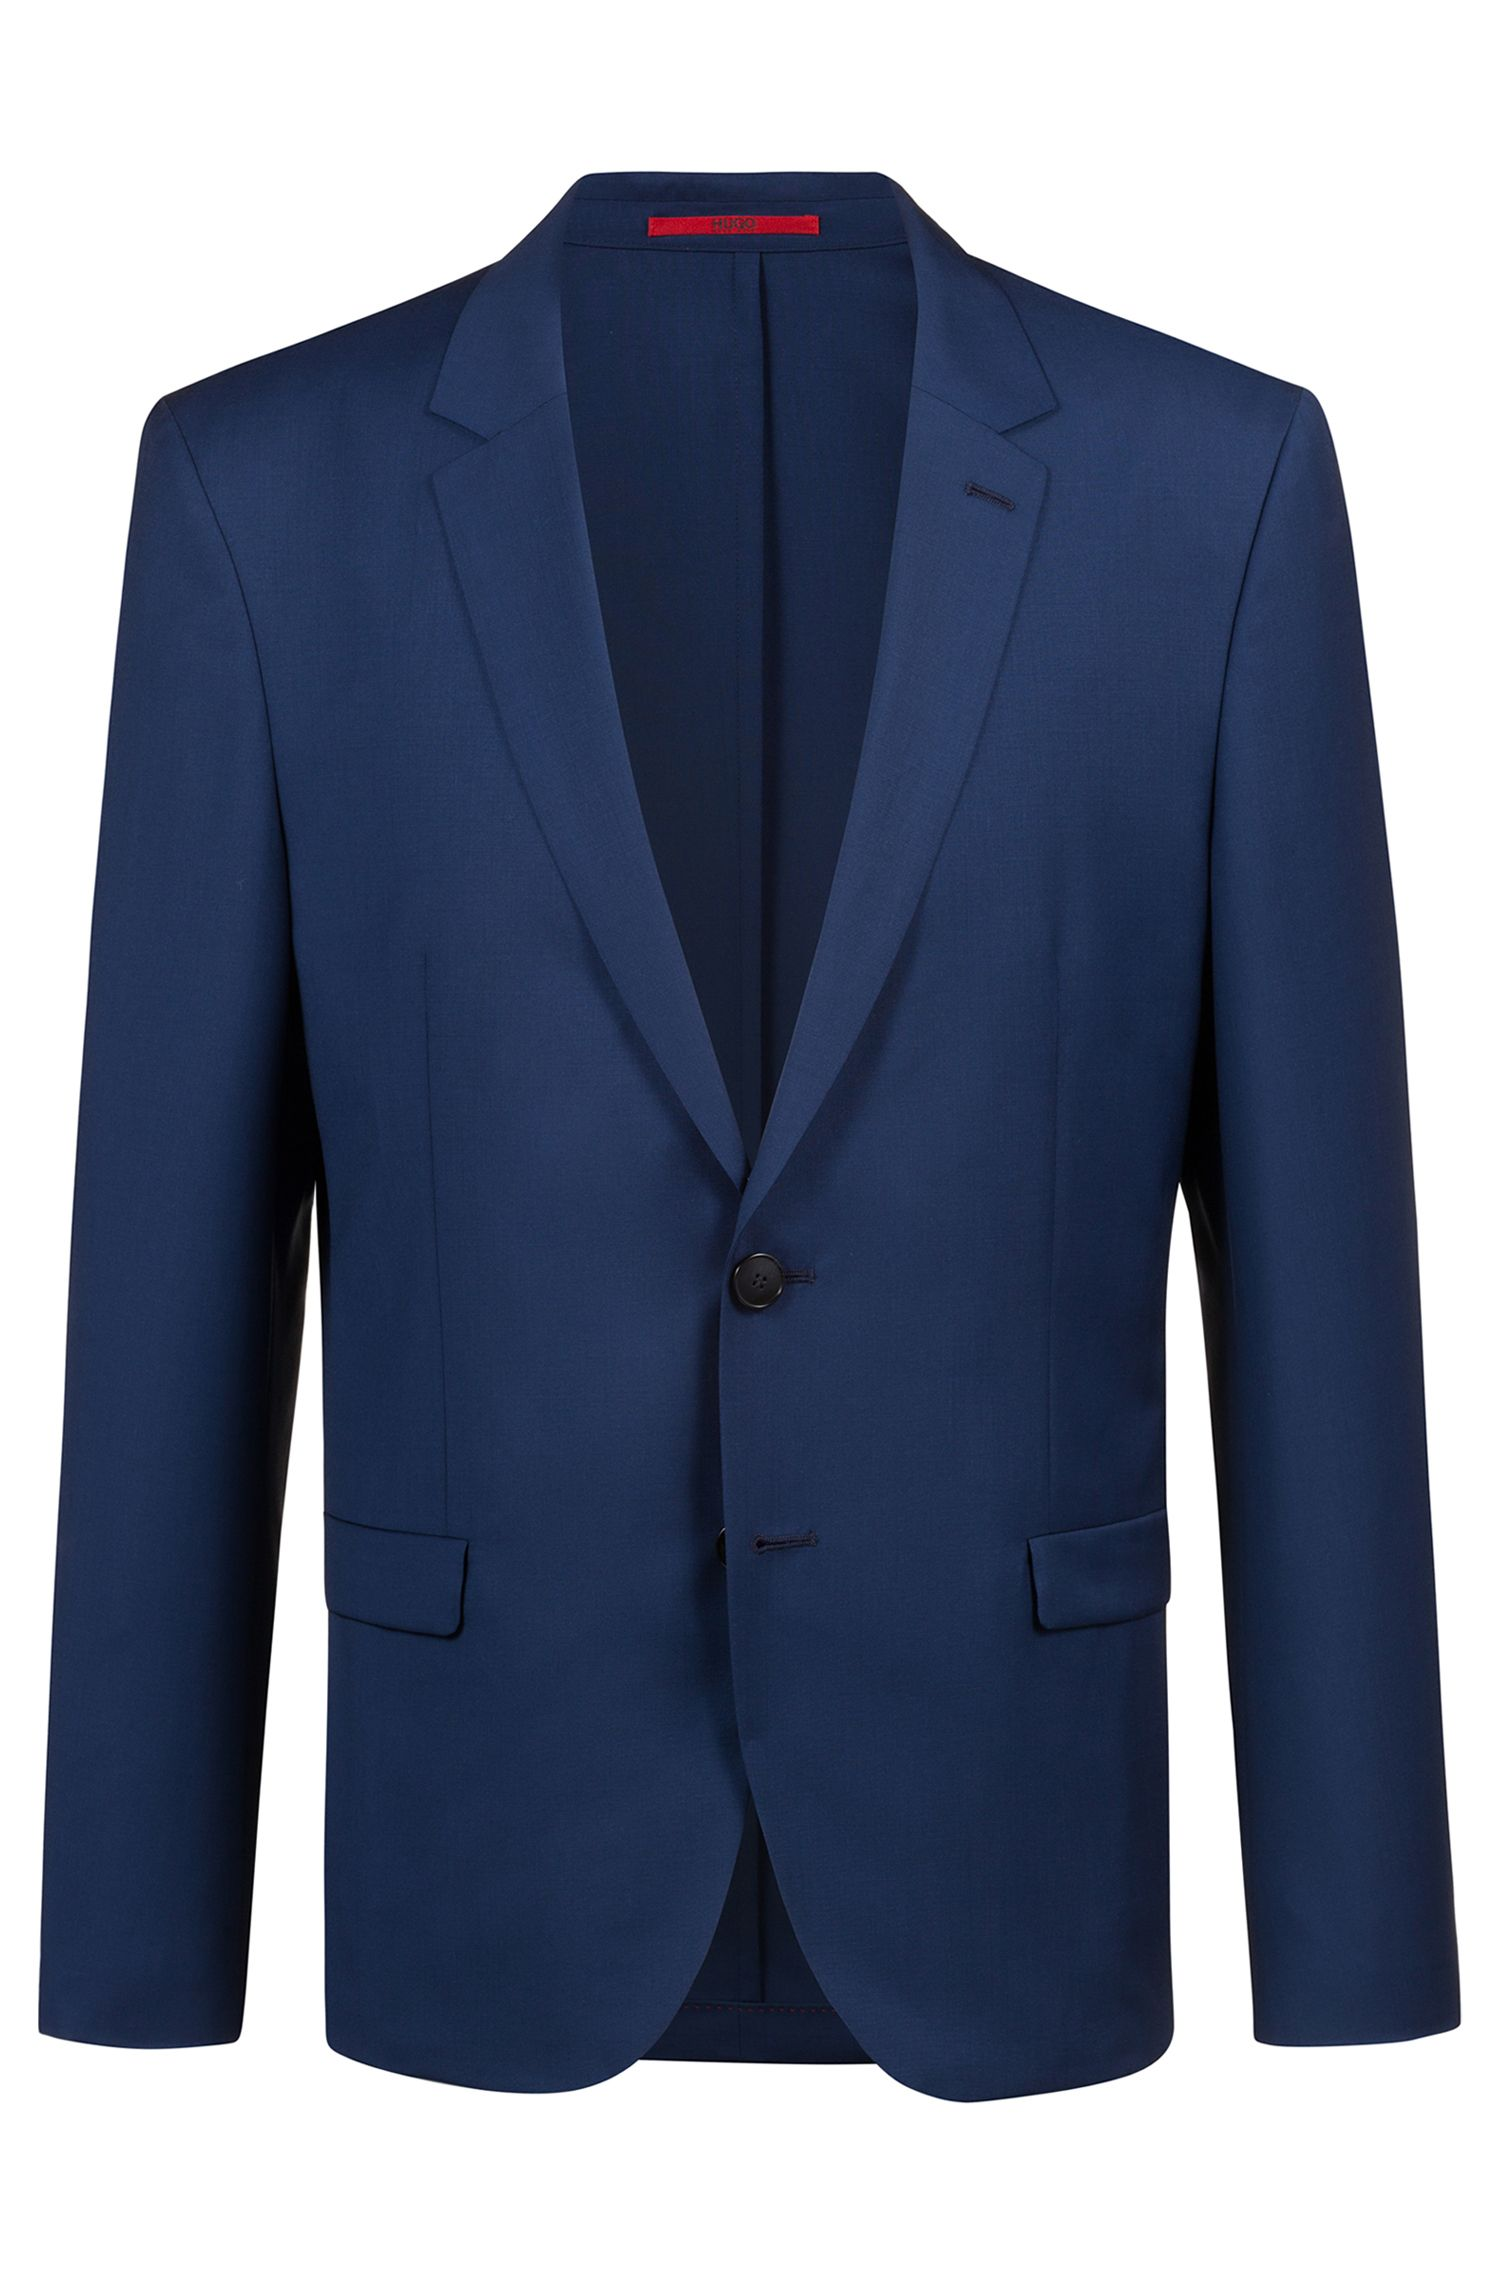 Extra-slim-fit jacket in patterned virgin wool, Blue